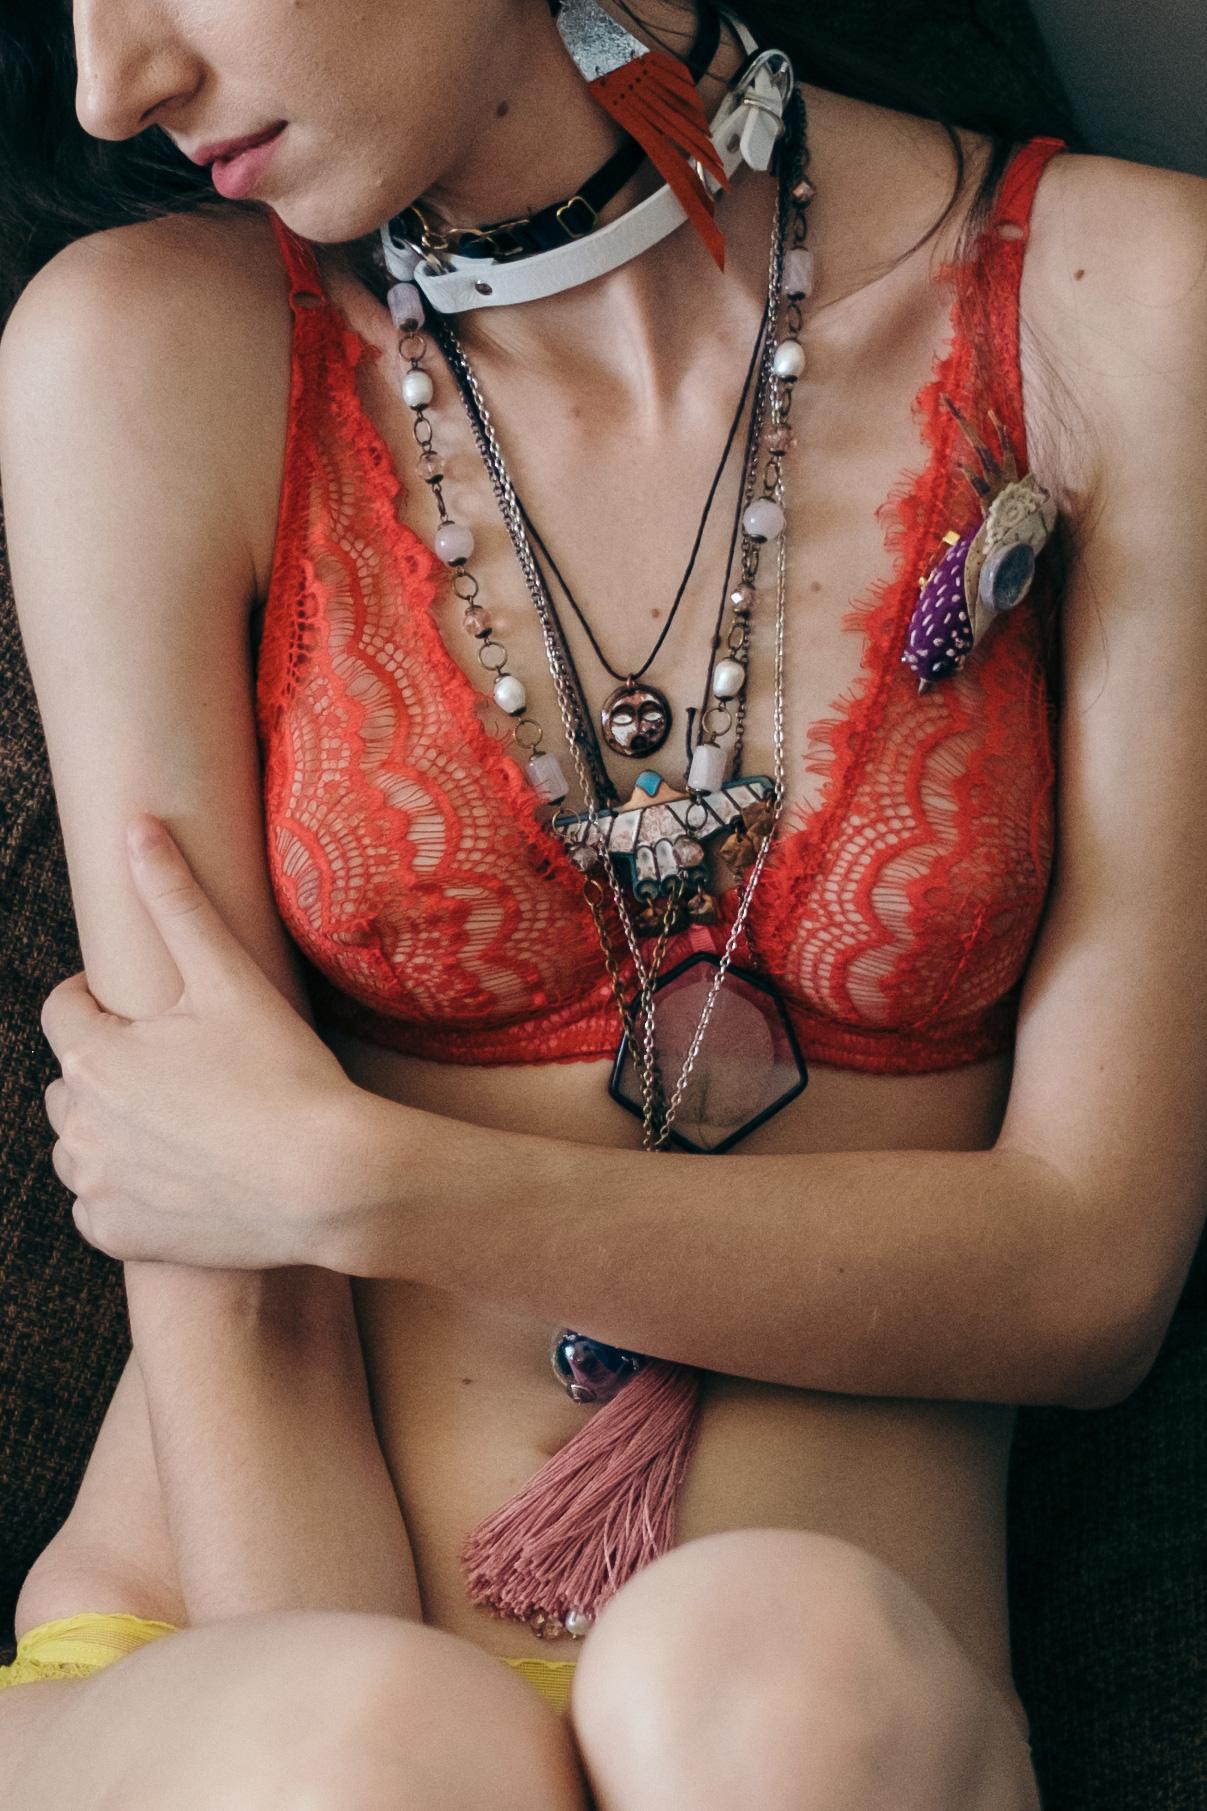 Фотообзор яркого нижнего белья в GB {Garterblog.ru} / Bright Side